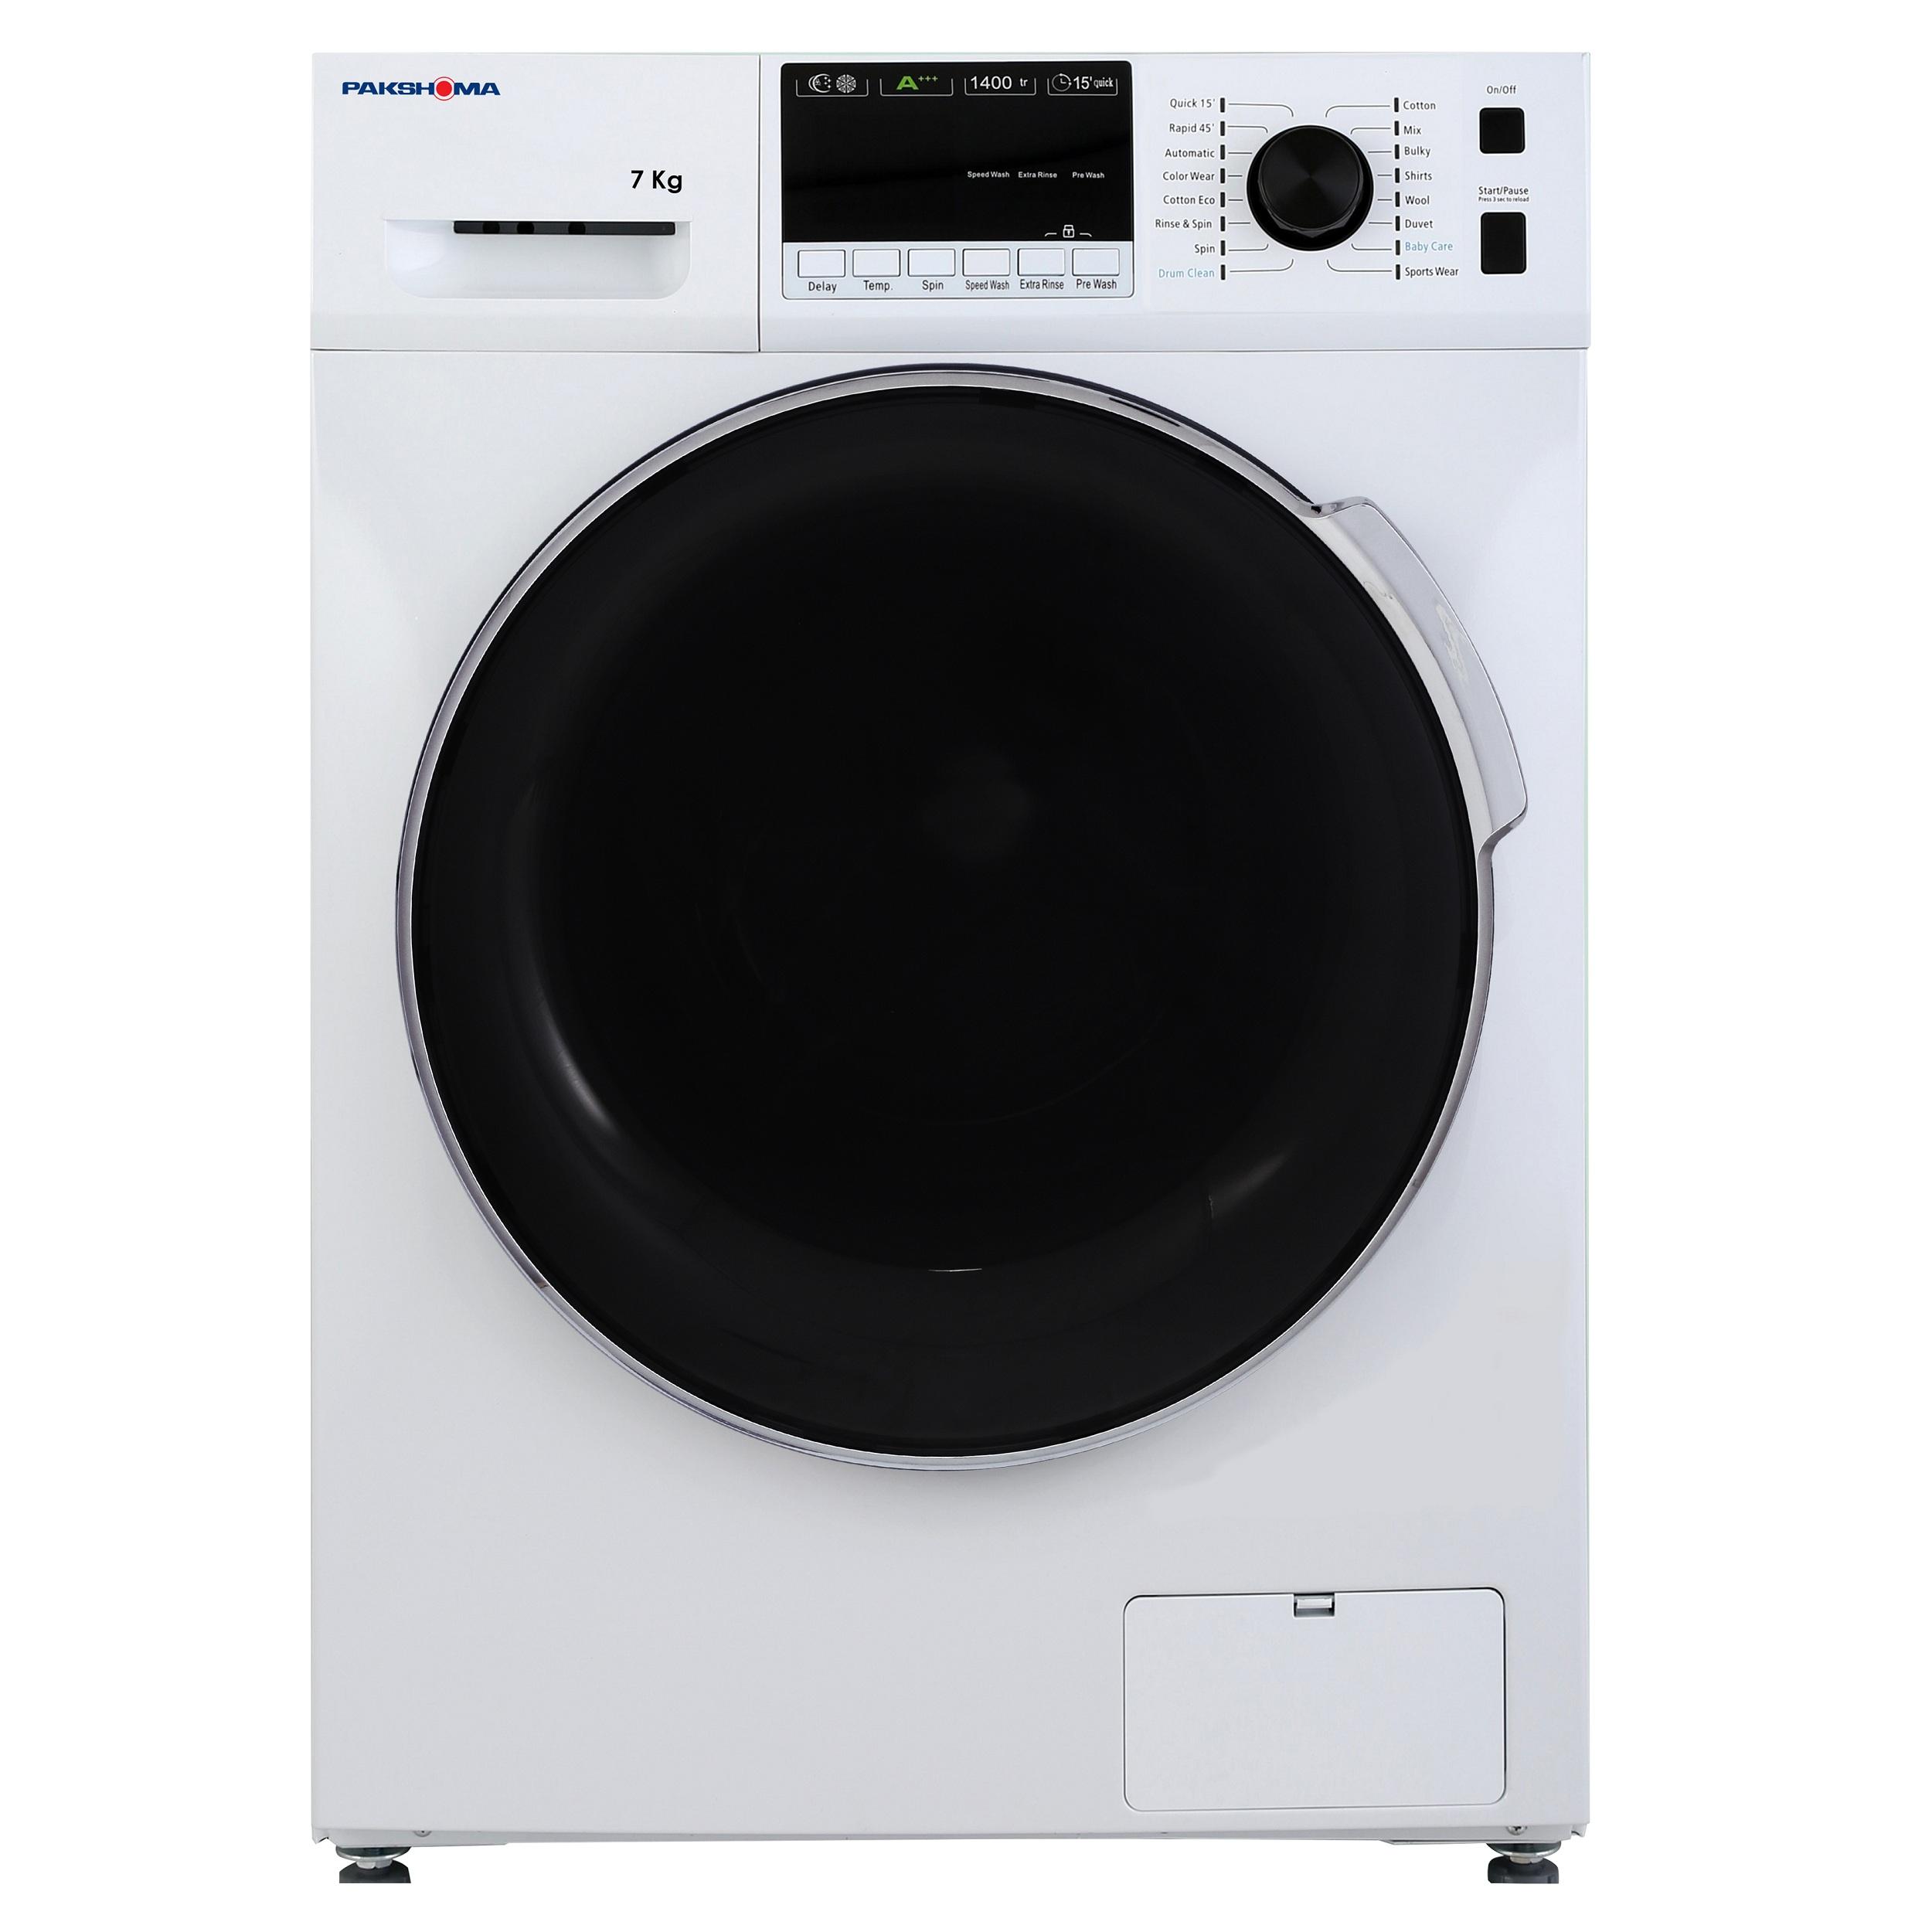 ماشین لباسشویی پاکشوما مدل TFU-74401 ظرفیت 7 کیلوگرم